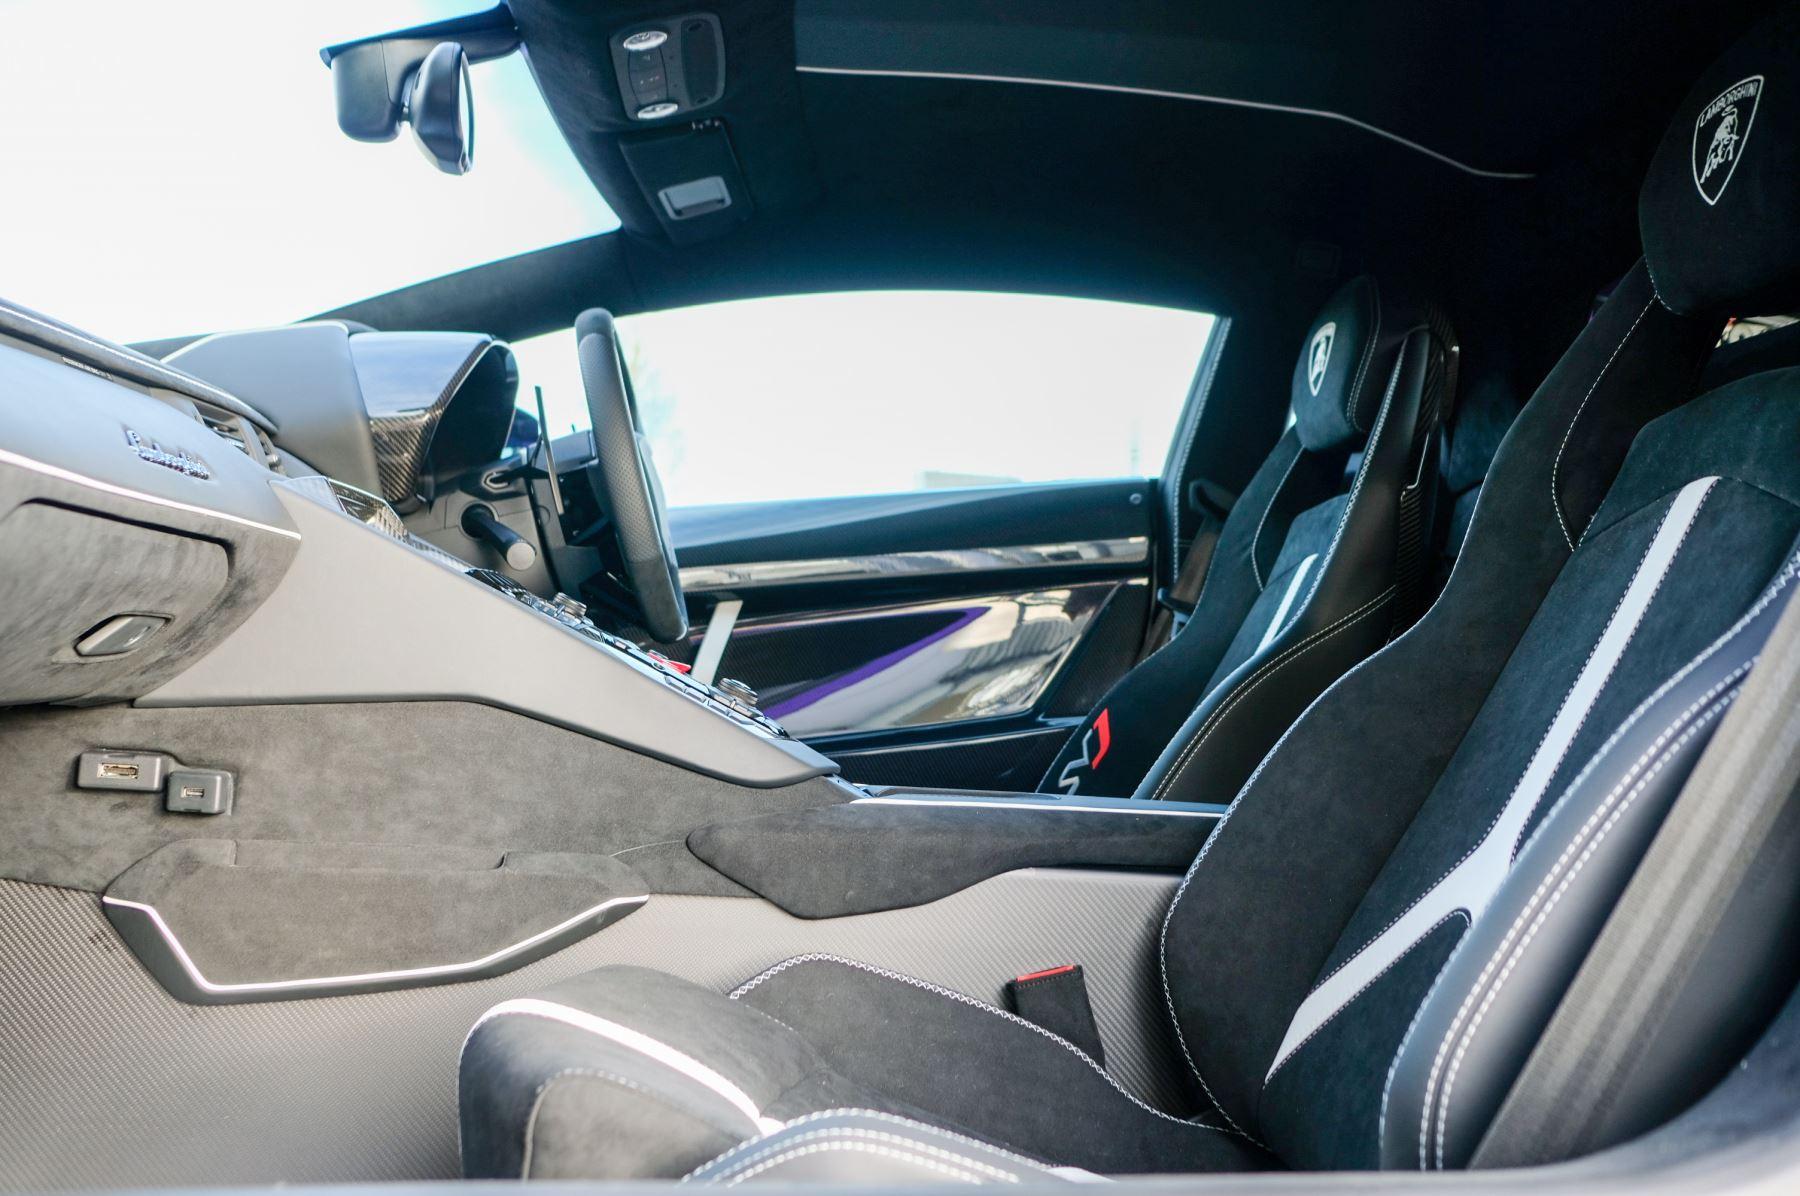 Lamborghini Aventador SVJ Coupe LP 770-4 ISR image 6